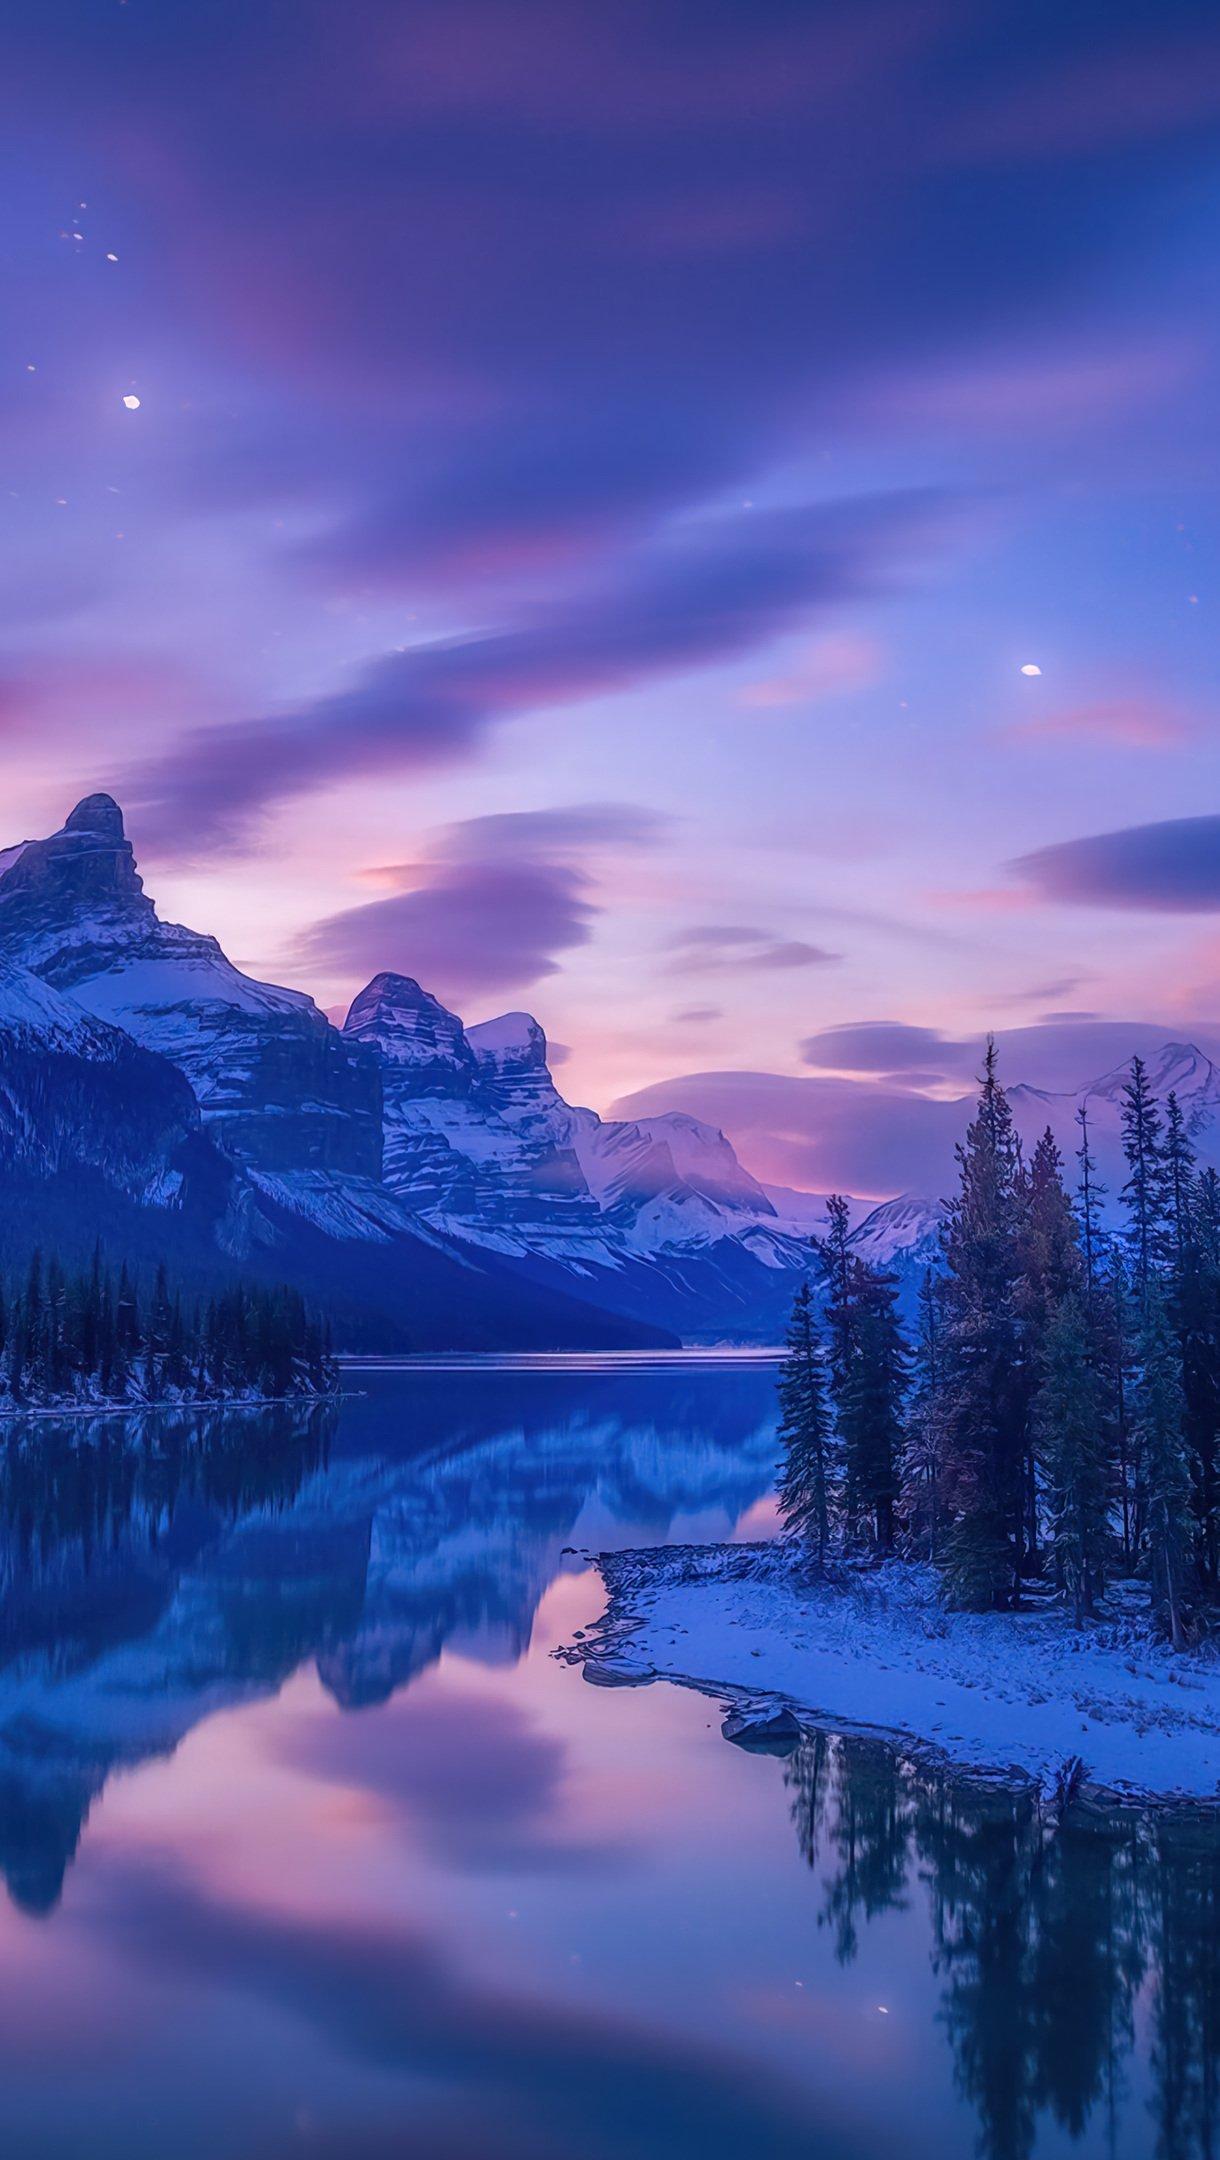 Fondos de pantalla Paisaje de lago en las montañas al amanecer Vertical